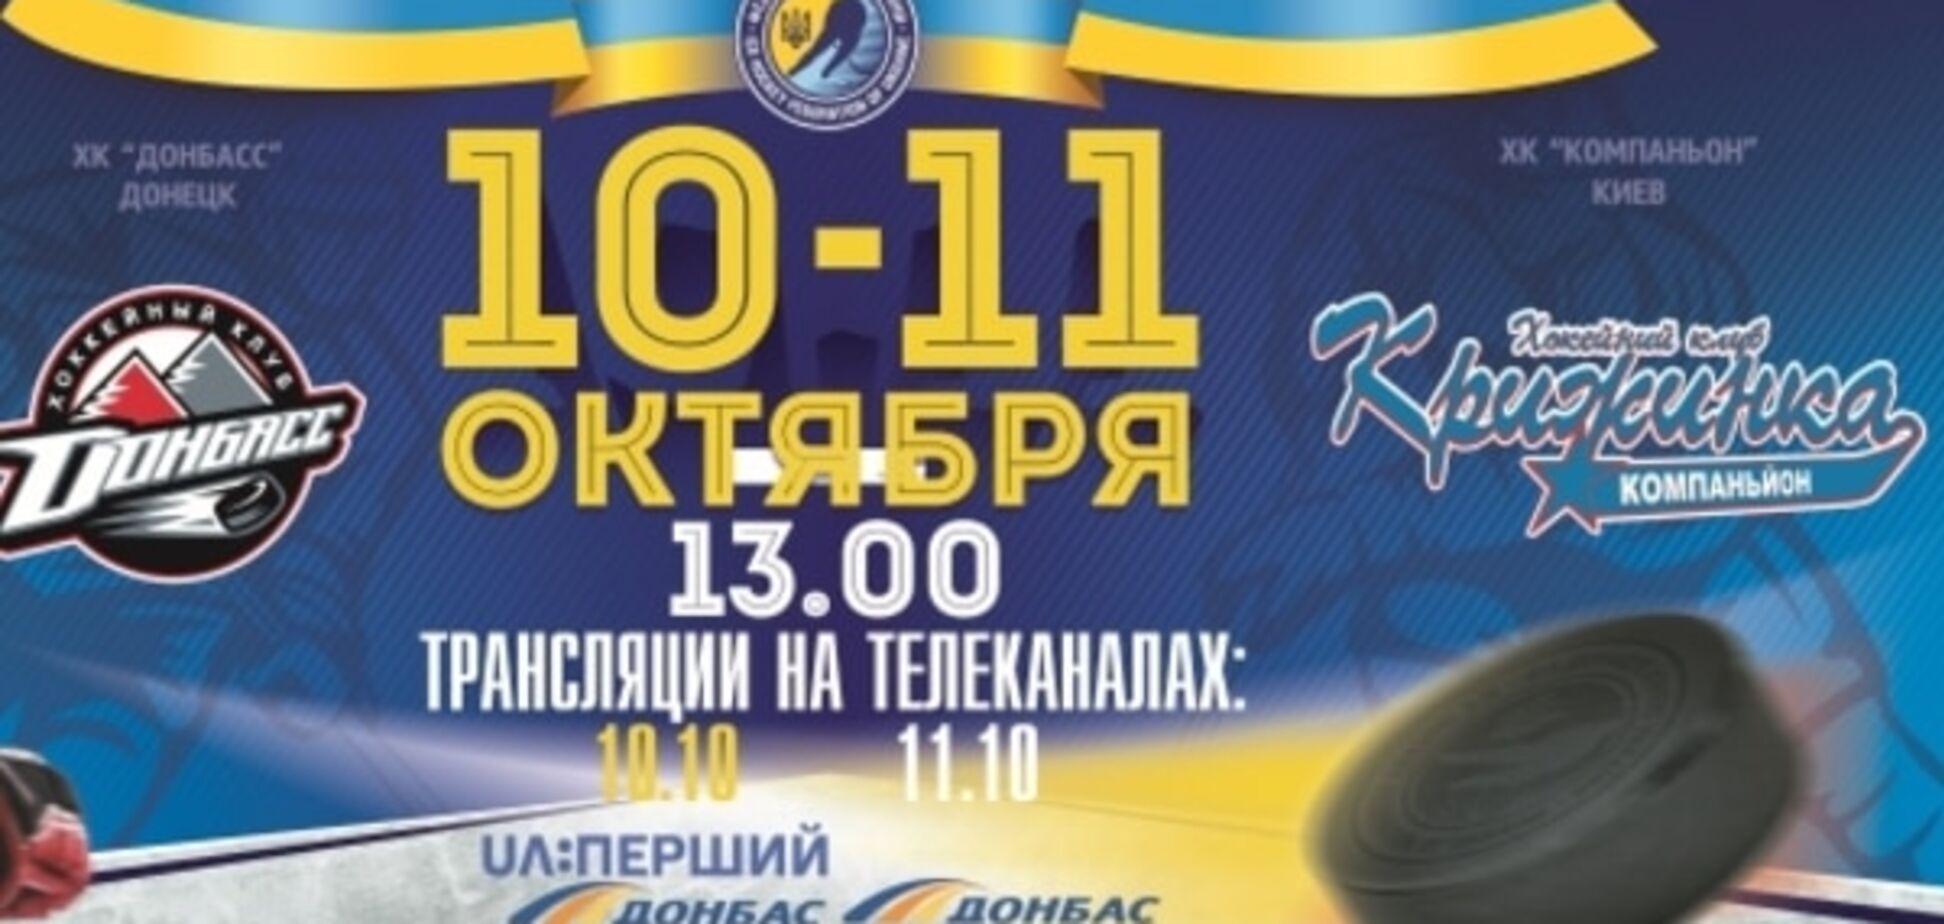 ХК Донбас - ХК Компаньйон: дивитися онлайн відеотрансляцію матчу